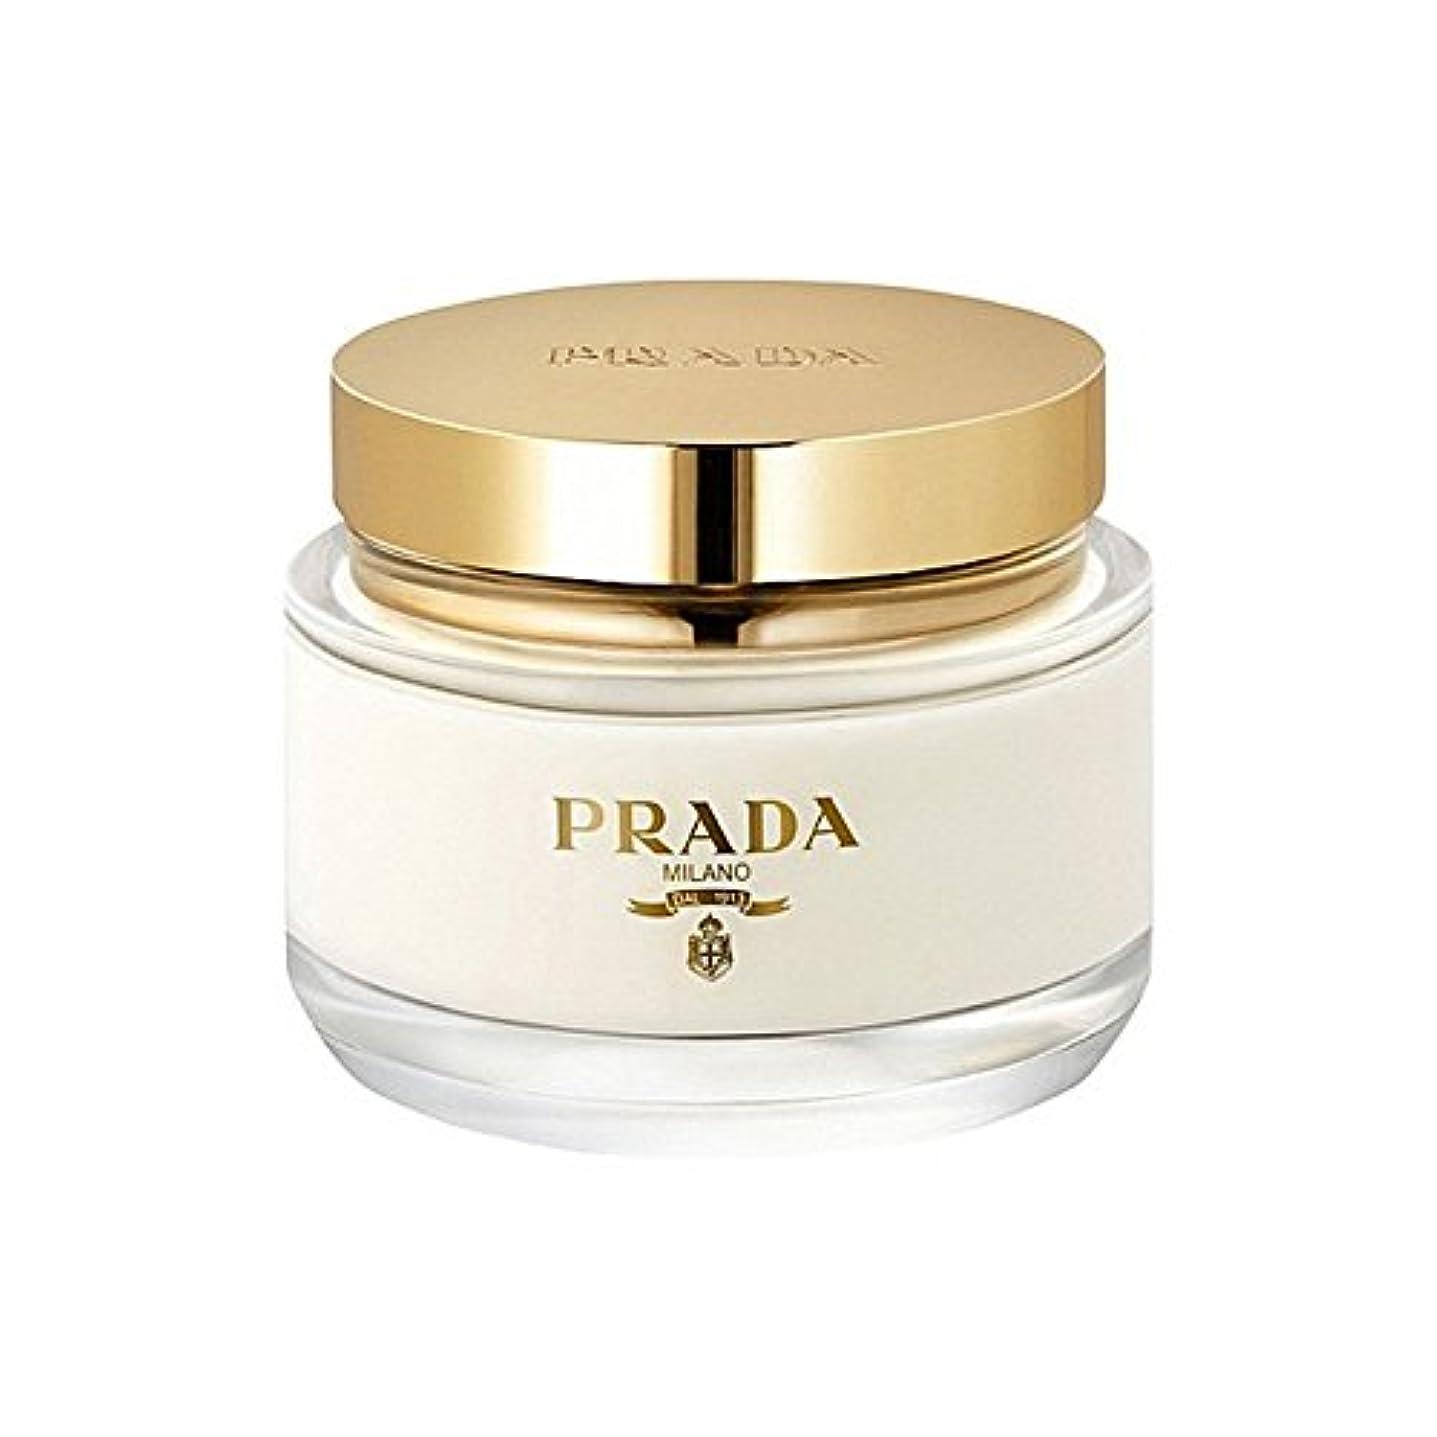 部クランプ気分Prada La Femme Body Cream 200ml (Pack of 6) - プラダラファムボディクリーム200ミリリットル x6 [並行輸入品]